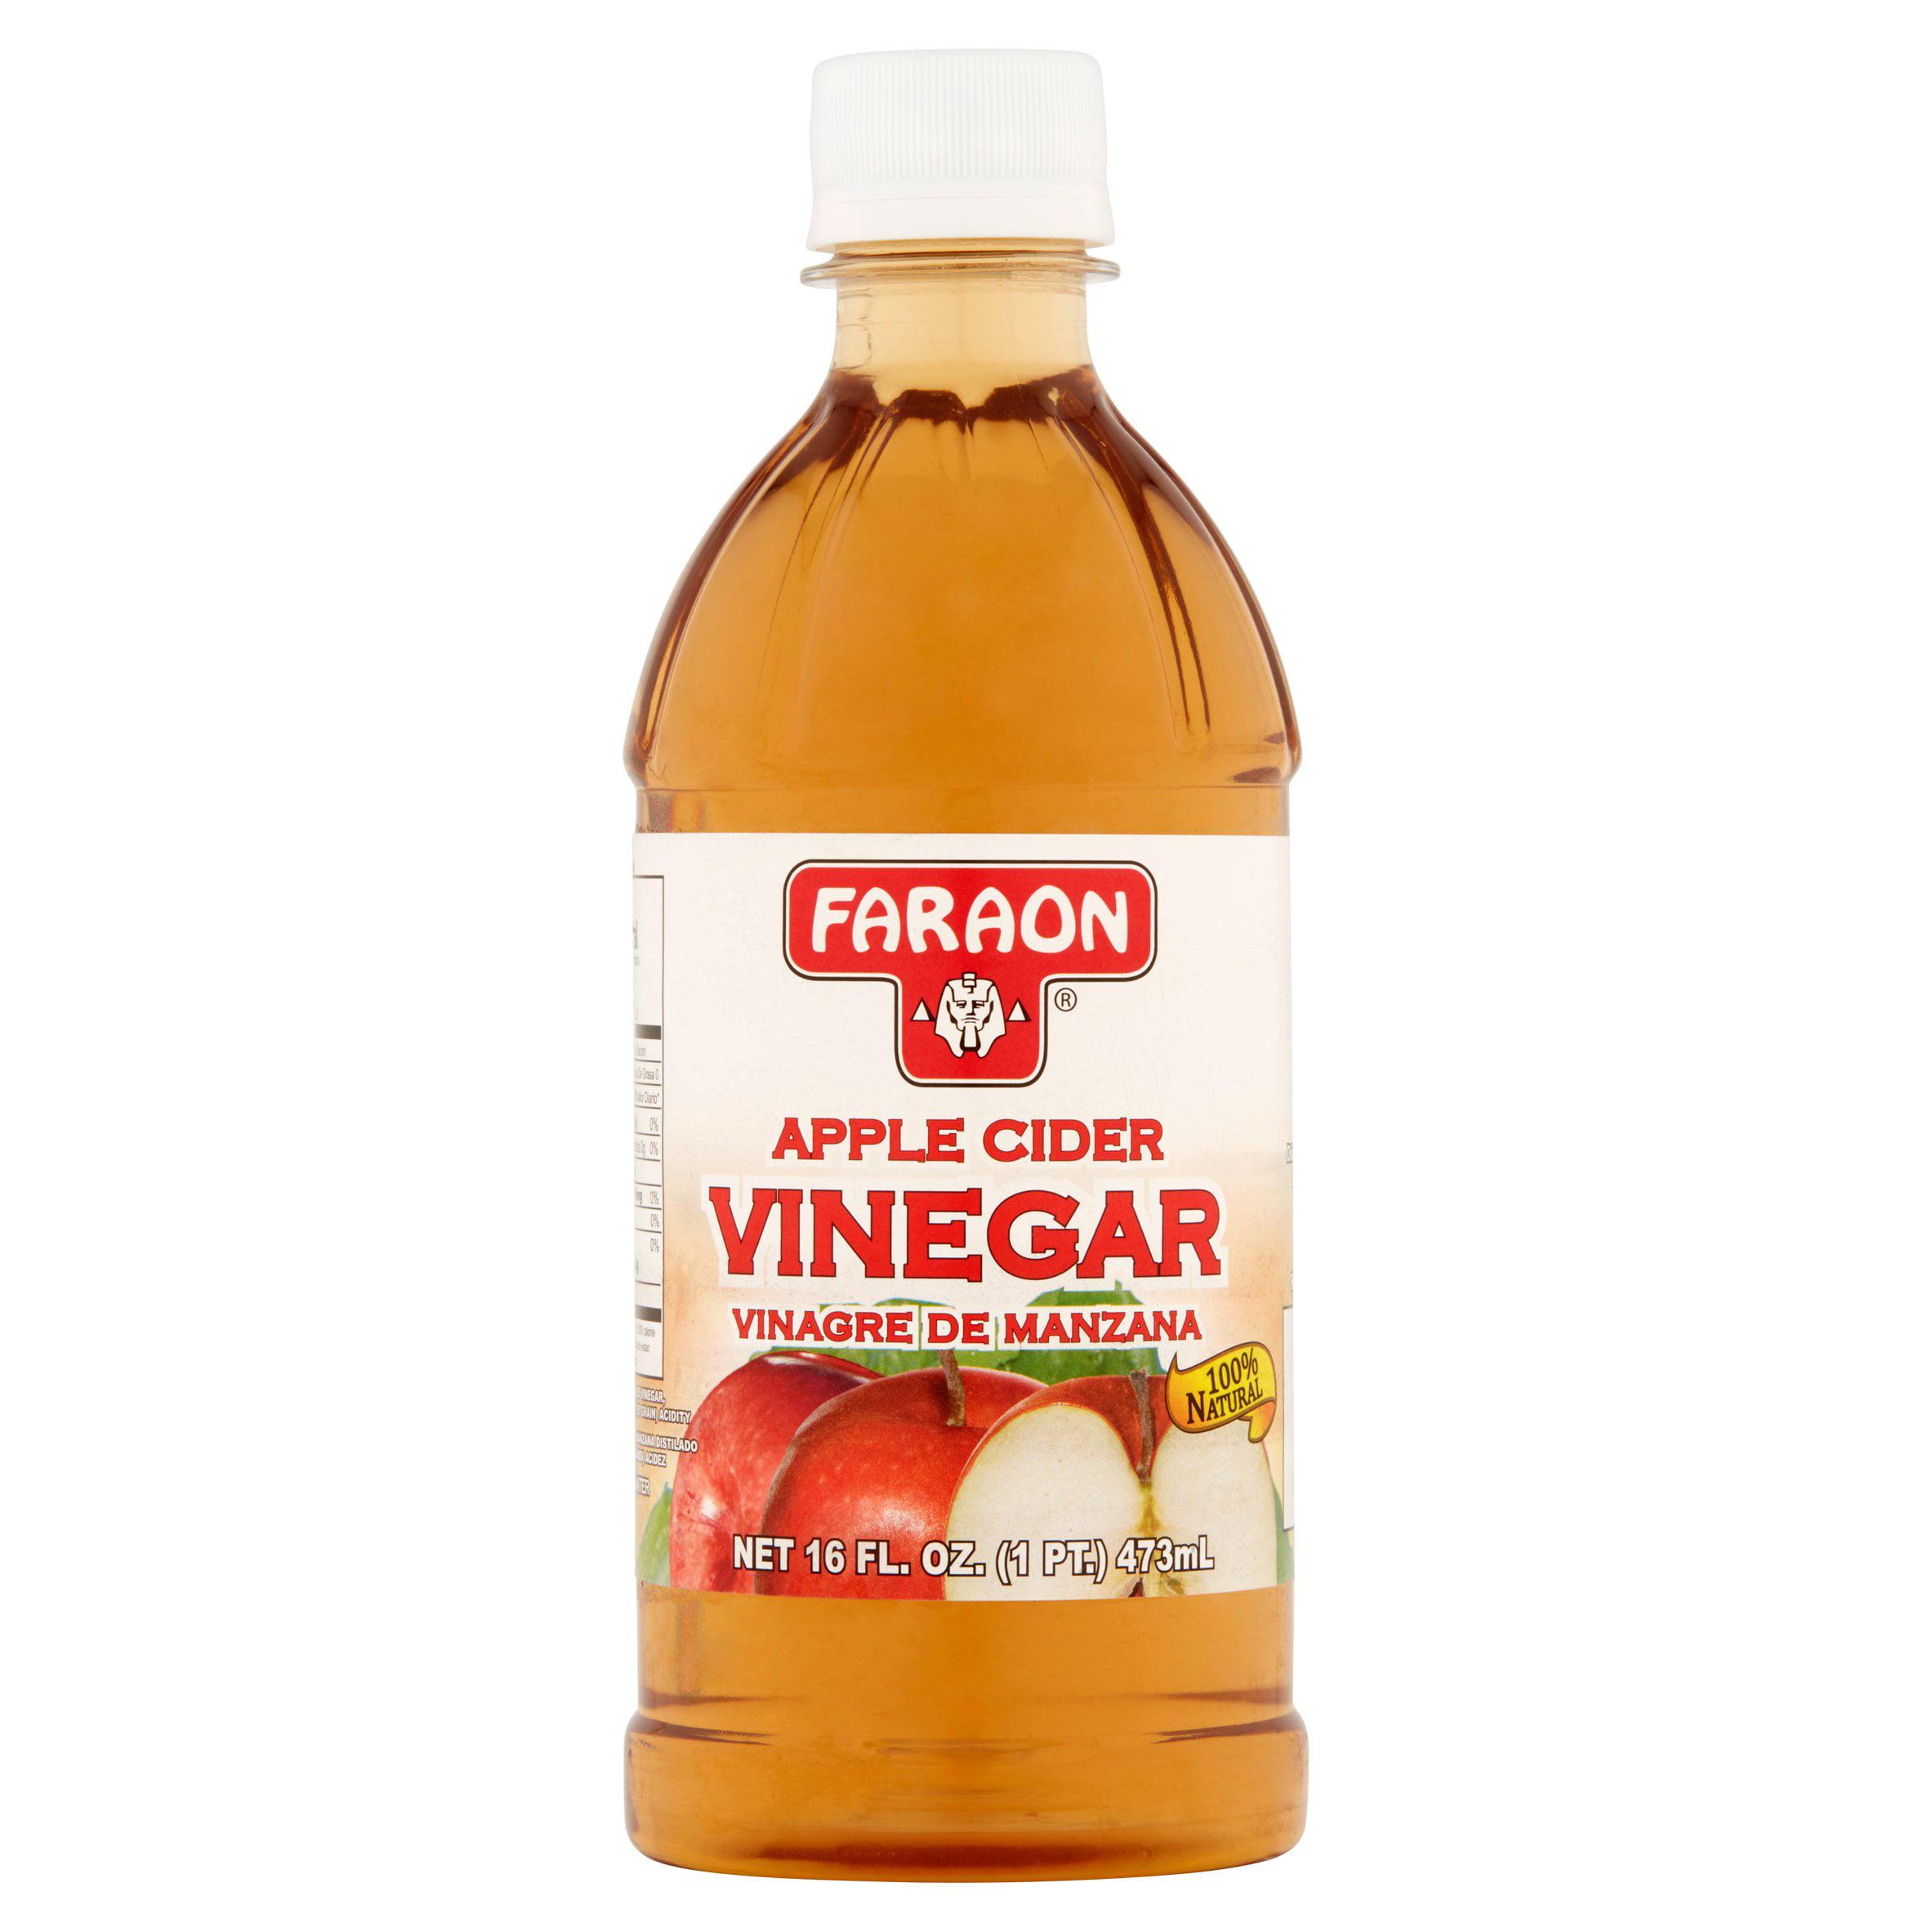 (4 Pack) Faraon Apple Cider Vinegar, 16.0 FL OZ